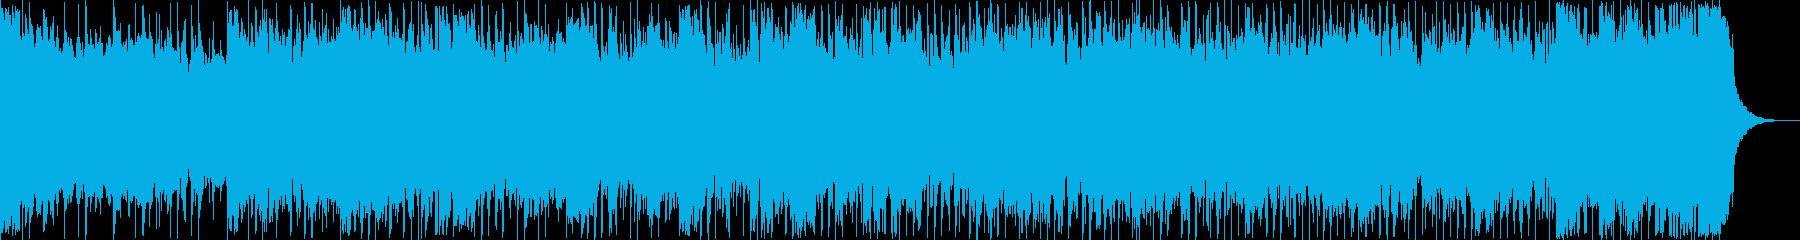 メタルチューン ショート版 戦闘向け風の再生済みの波形